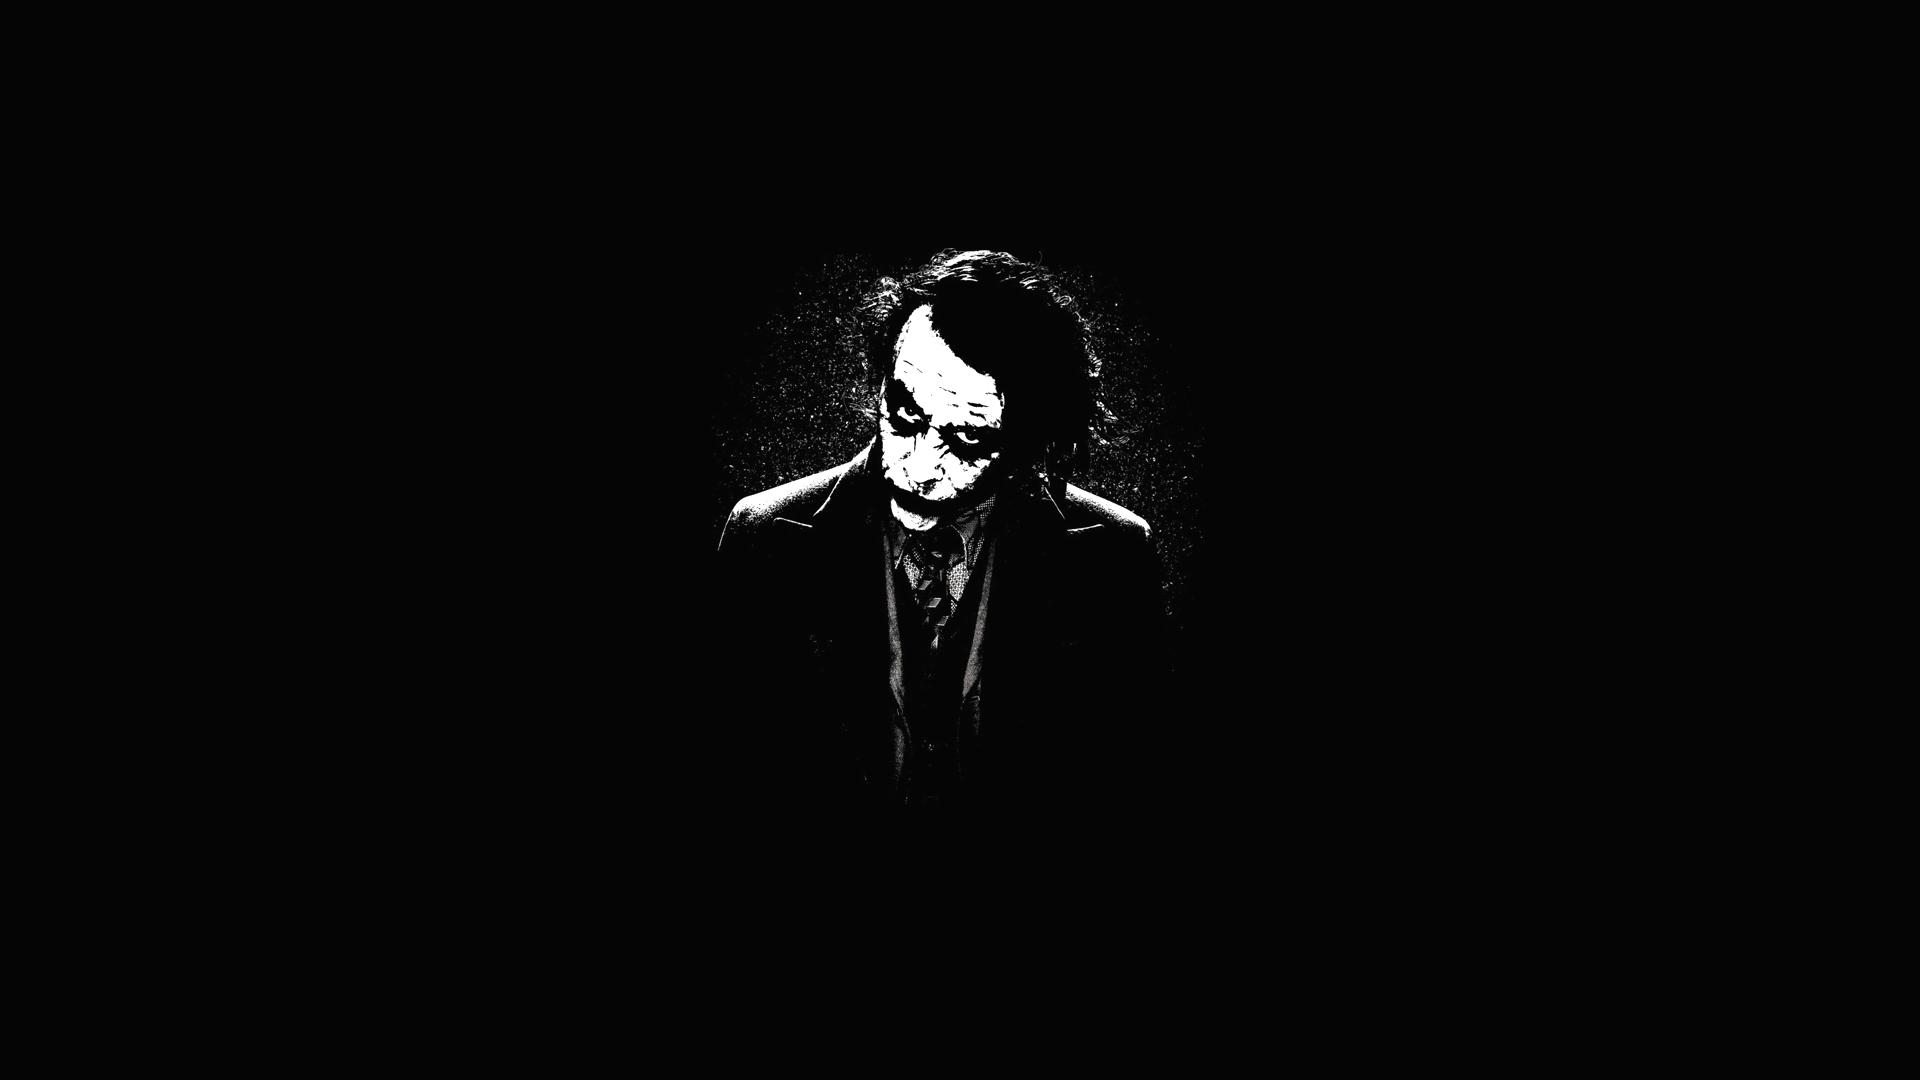 Joker Cartoon HD Desktop Wallpaper HD Desktop Wallpaper 1920x1080